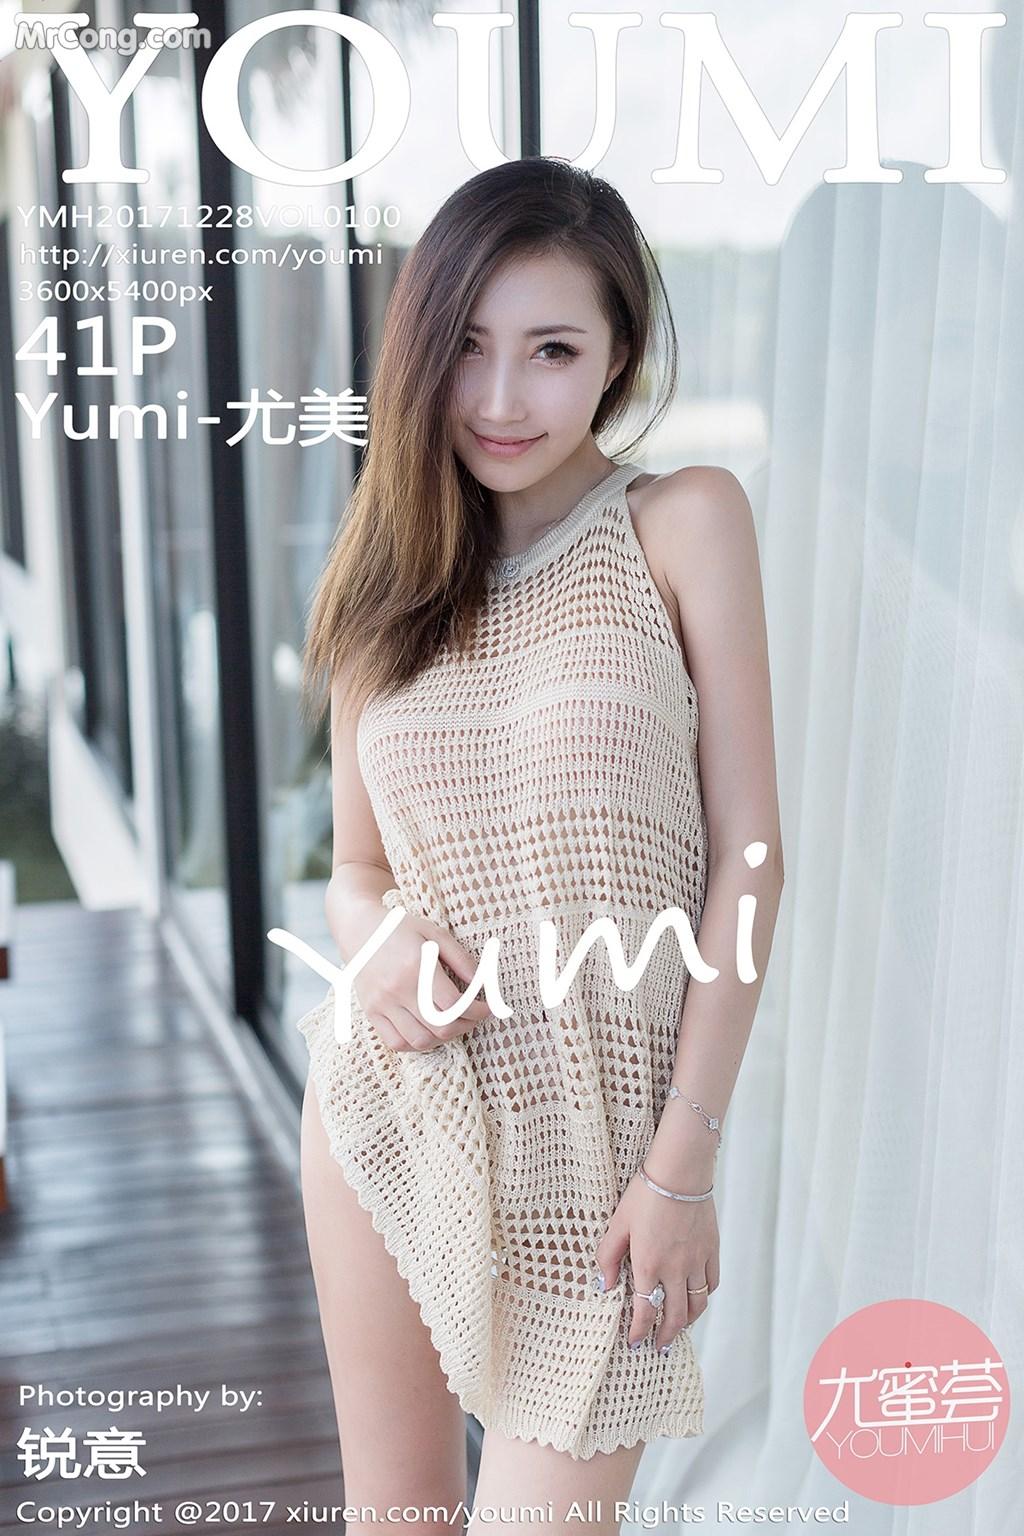 YouMi Vol.100: Người mẫu Yumi (尤美) (42 ảnh)